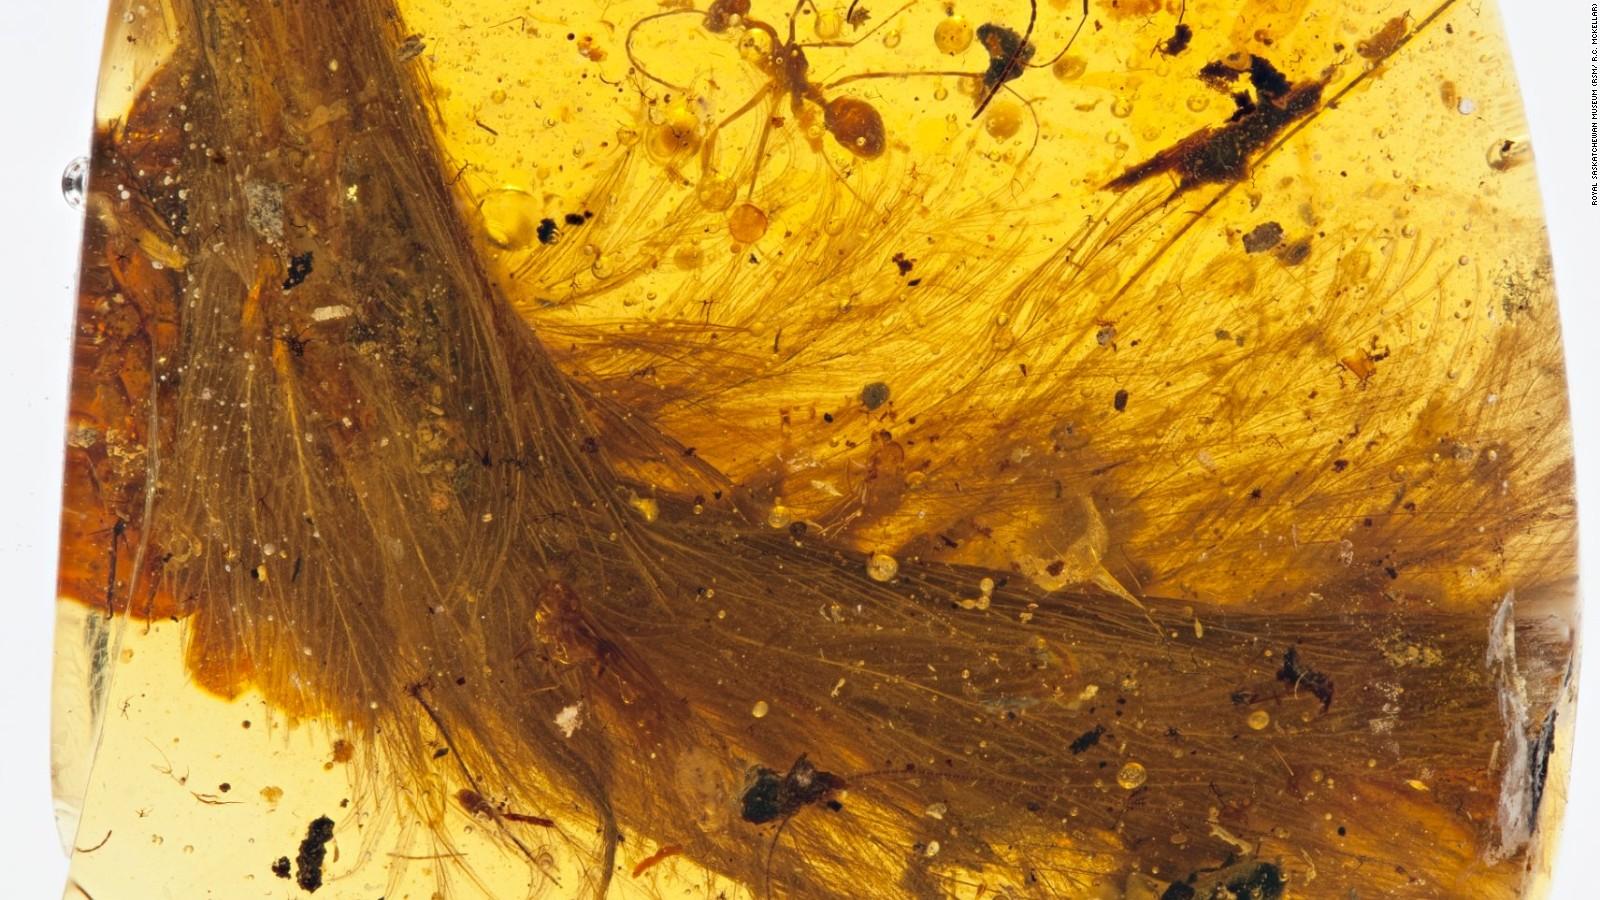 161208121636-dinosaur-amber-2-full-169.j